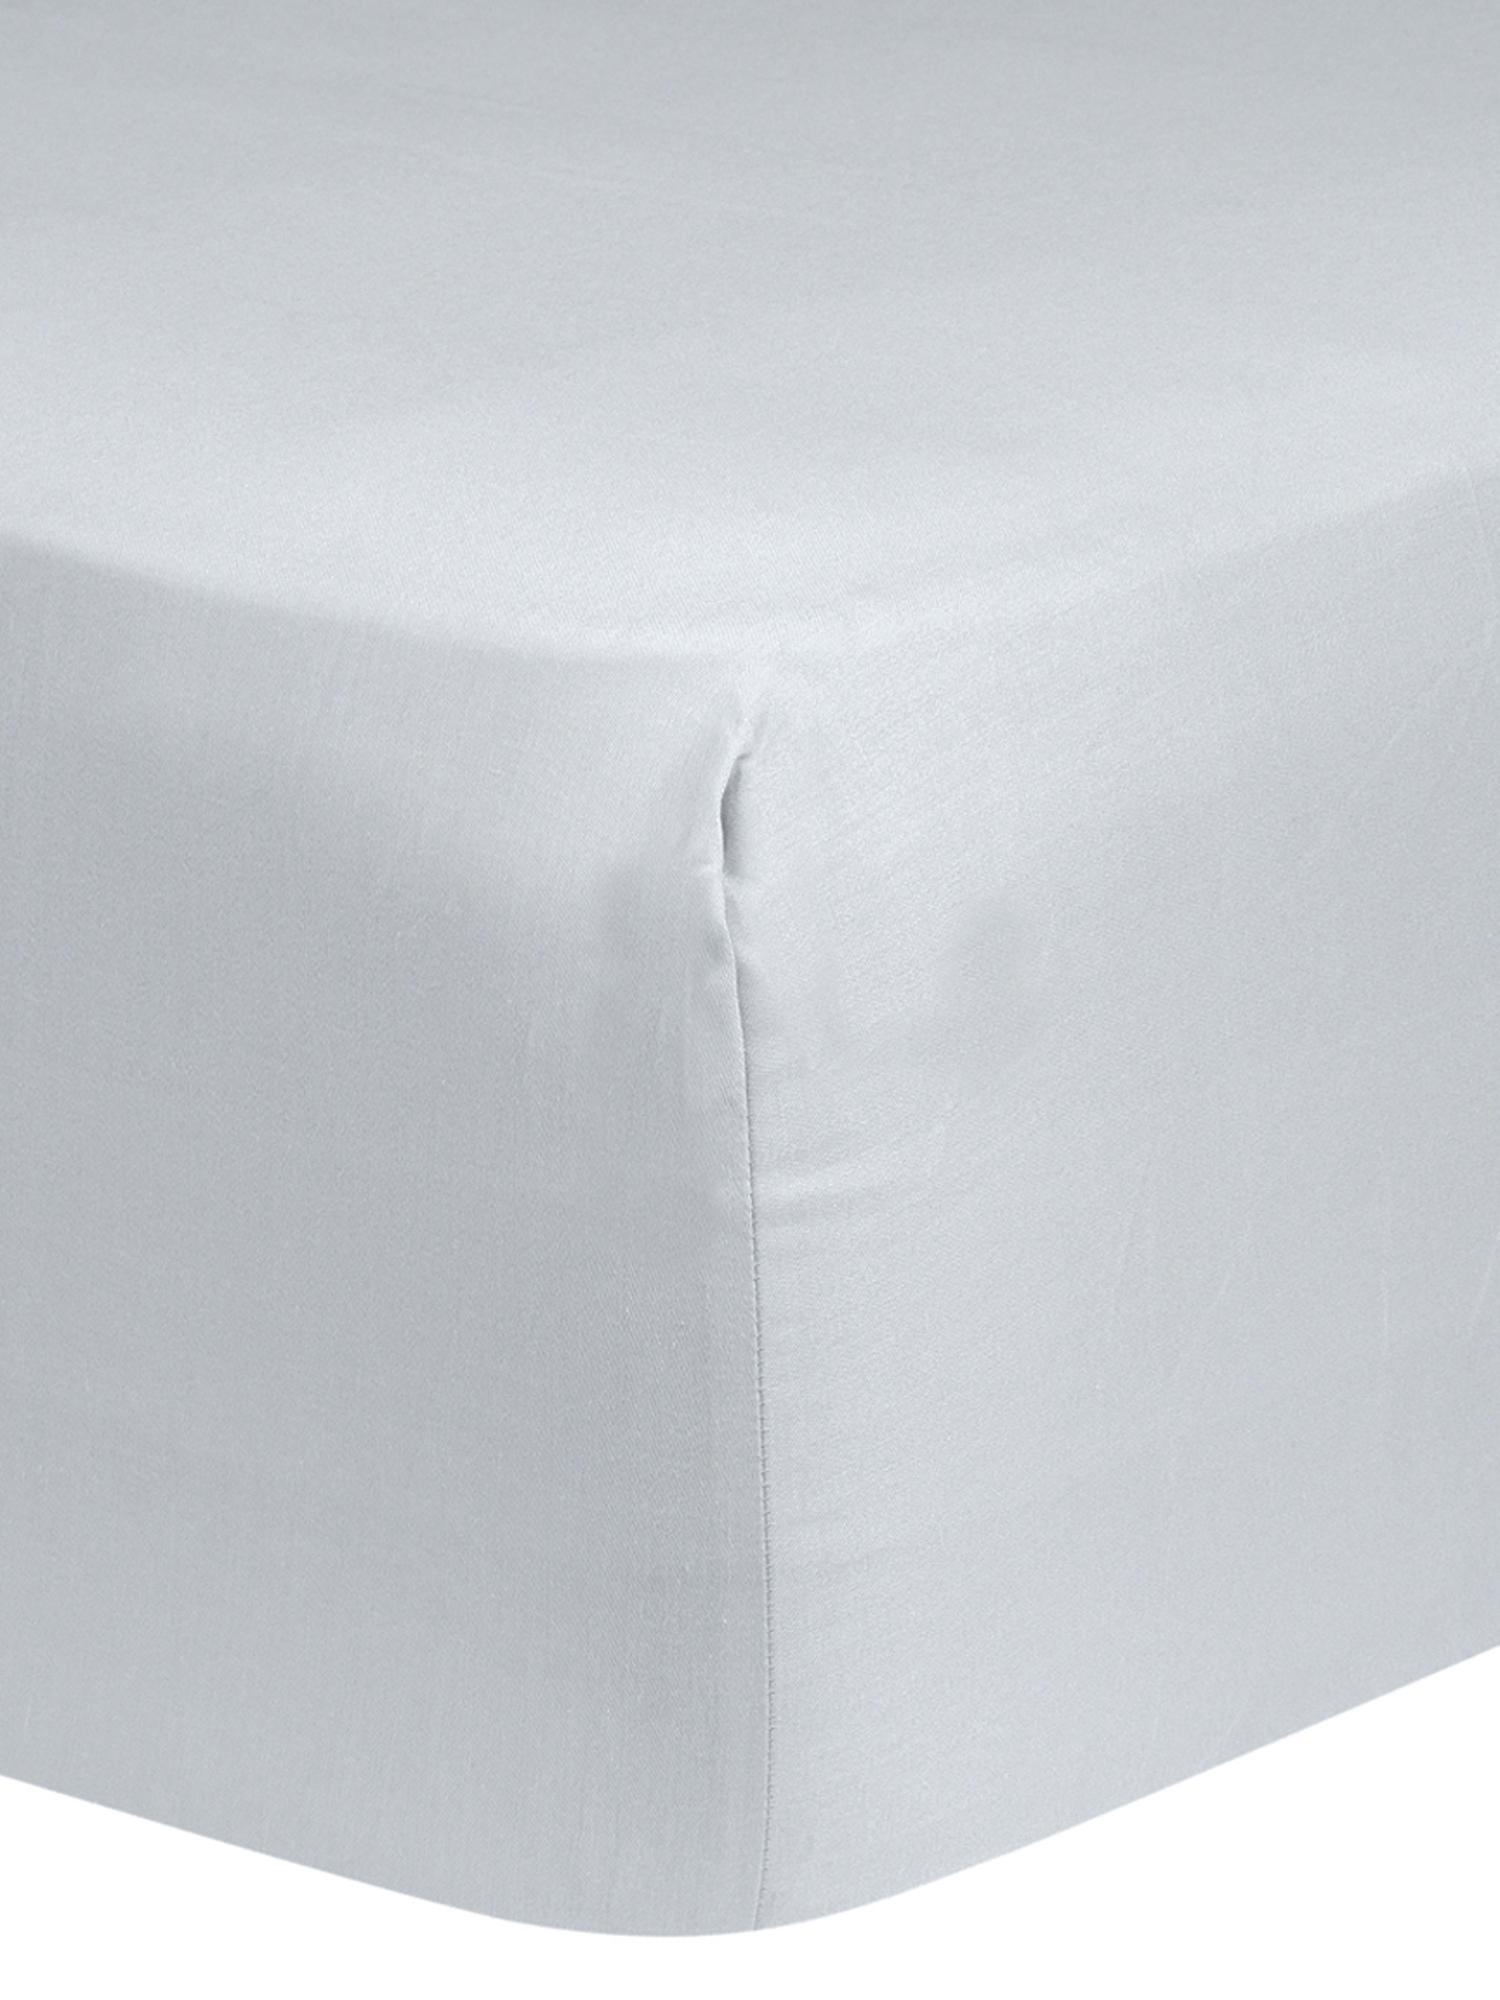 Spannbettlaken Comfort, Baumwollsatin, Webart: Satin, leicht glänzend, Hellgrau, 180 x 200 cm